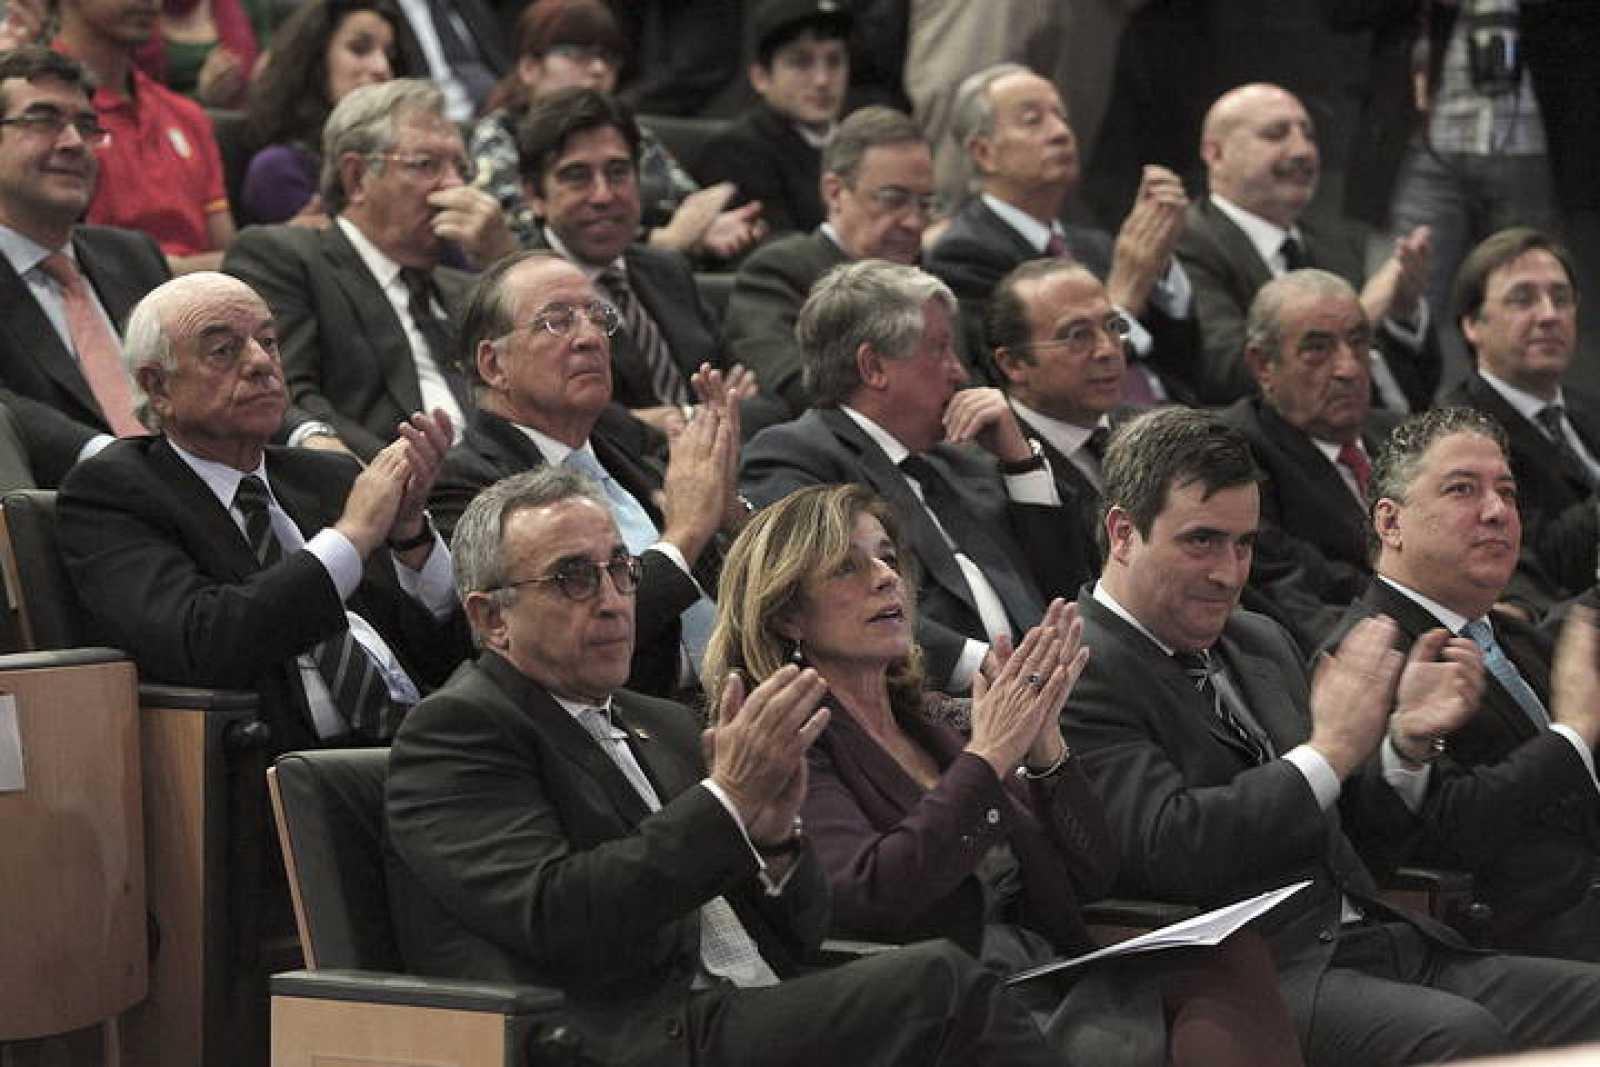 Alejandro Blanco, presidente del COE y de la candidatura de Madrid 2020, junto a alcaldesa de Madrid, Ana Botella, y al secretario de Estado para el Deporte, Miguel Cardenal (2d, abajo). Detrás, patrocinadores de la candidatura Madrid 2020.